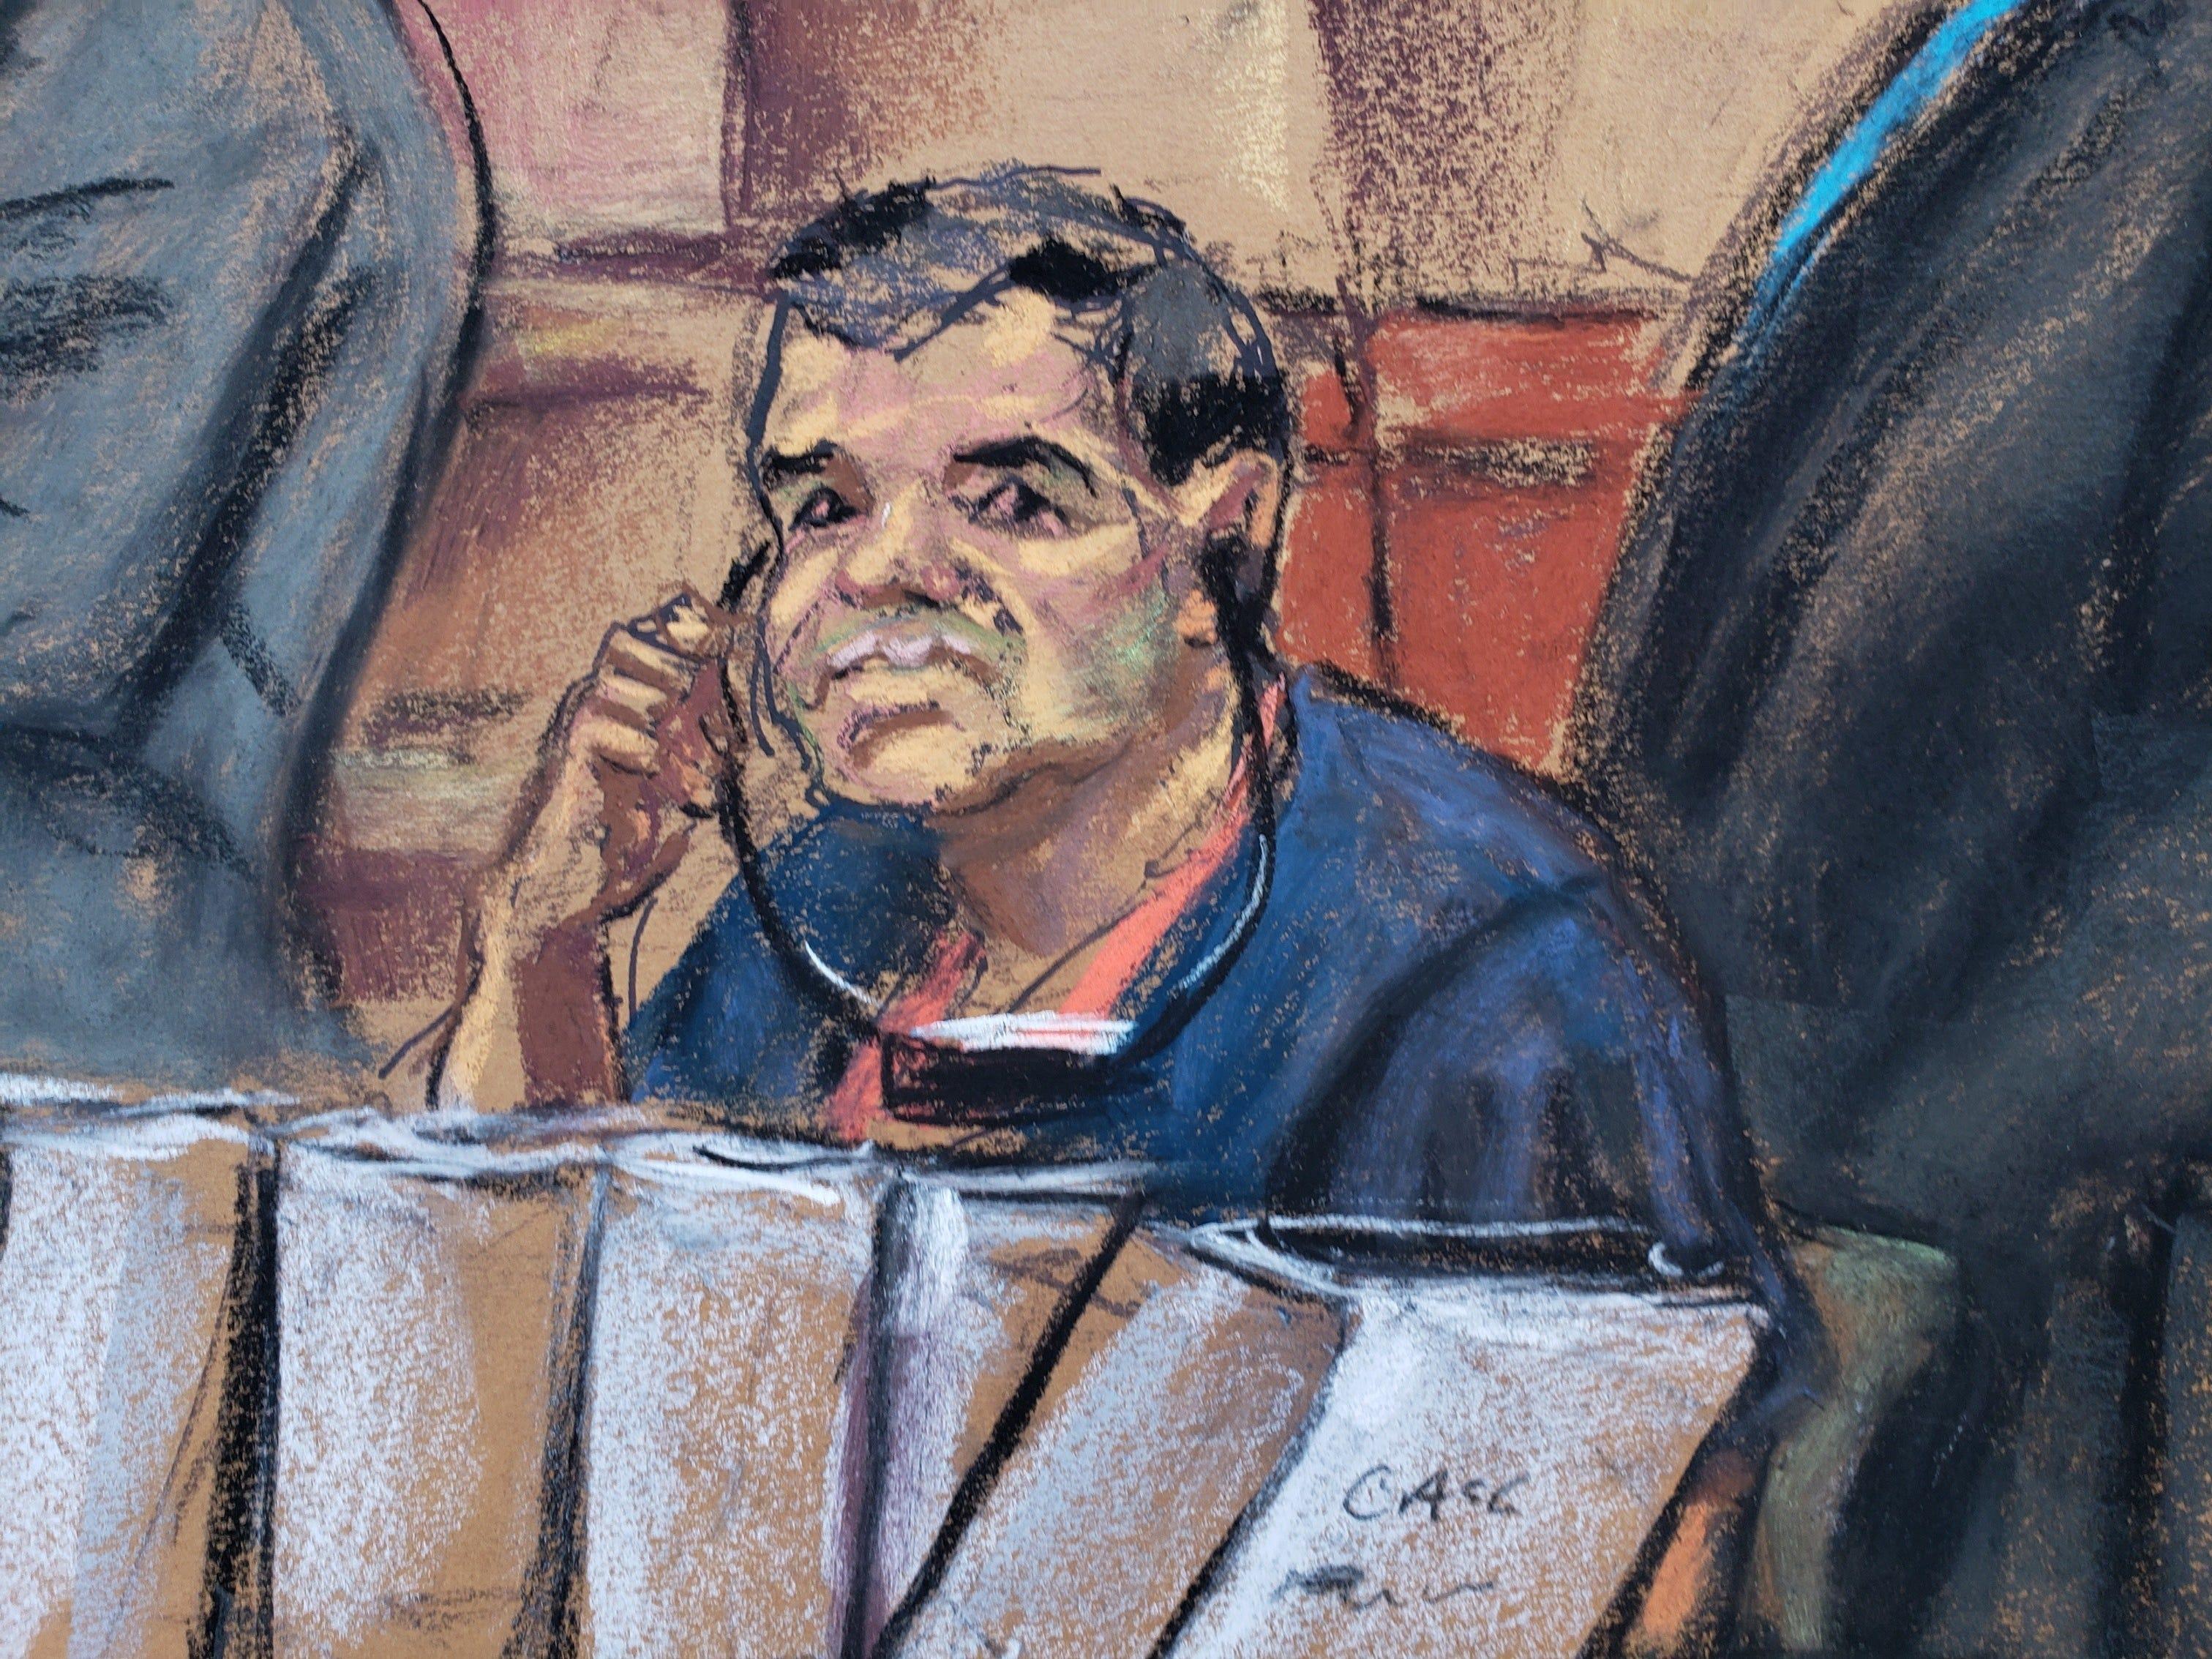 Joaquin El Chapo Guzmán trial: Judge admonishes defense for blaming Peña Nieto